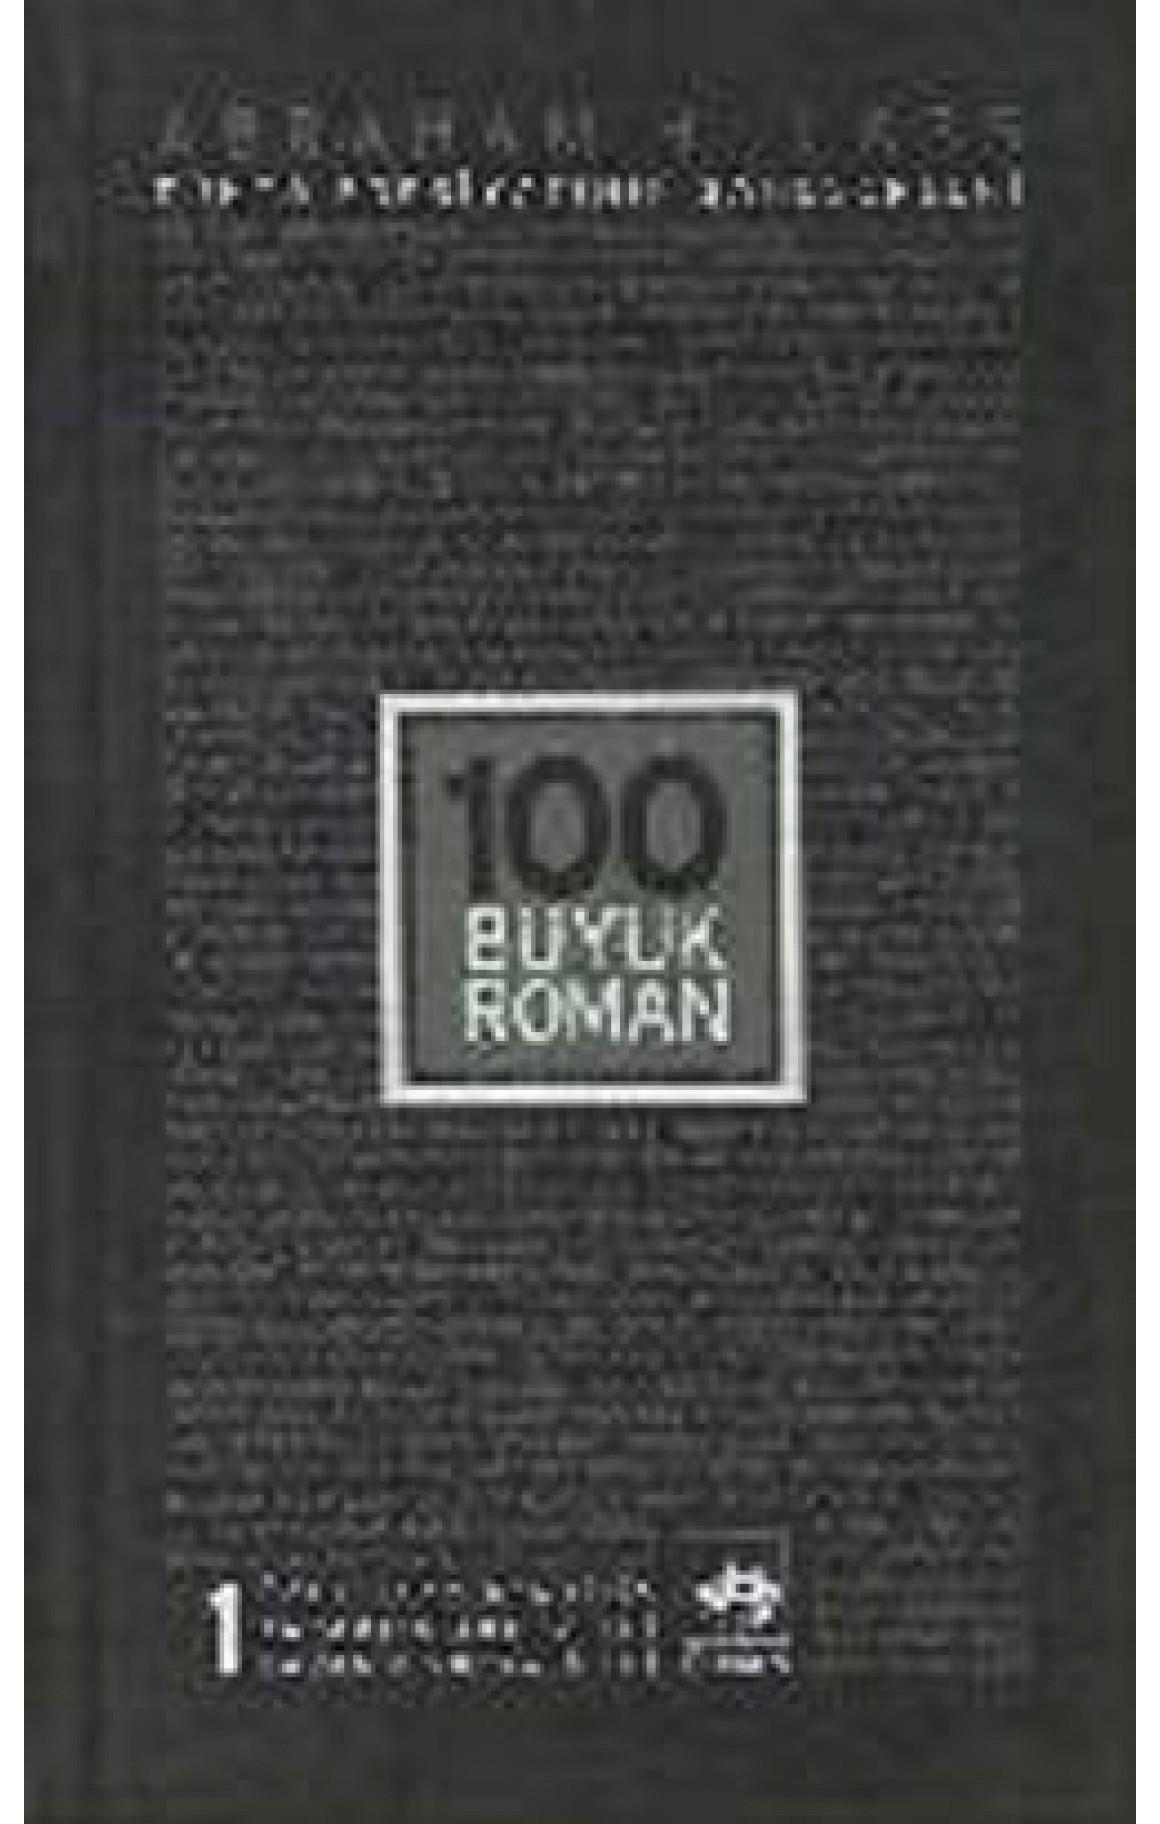 100 Büyük Roman 1